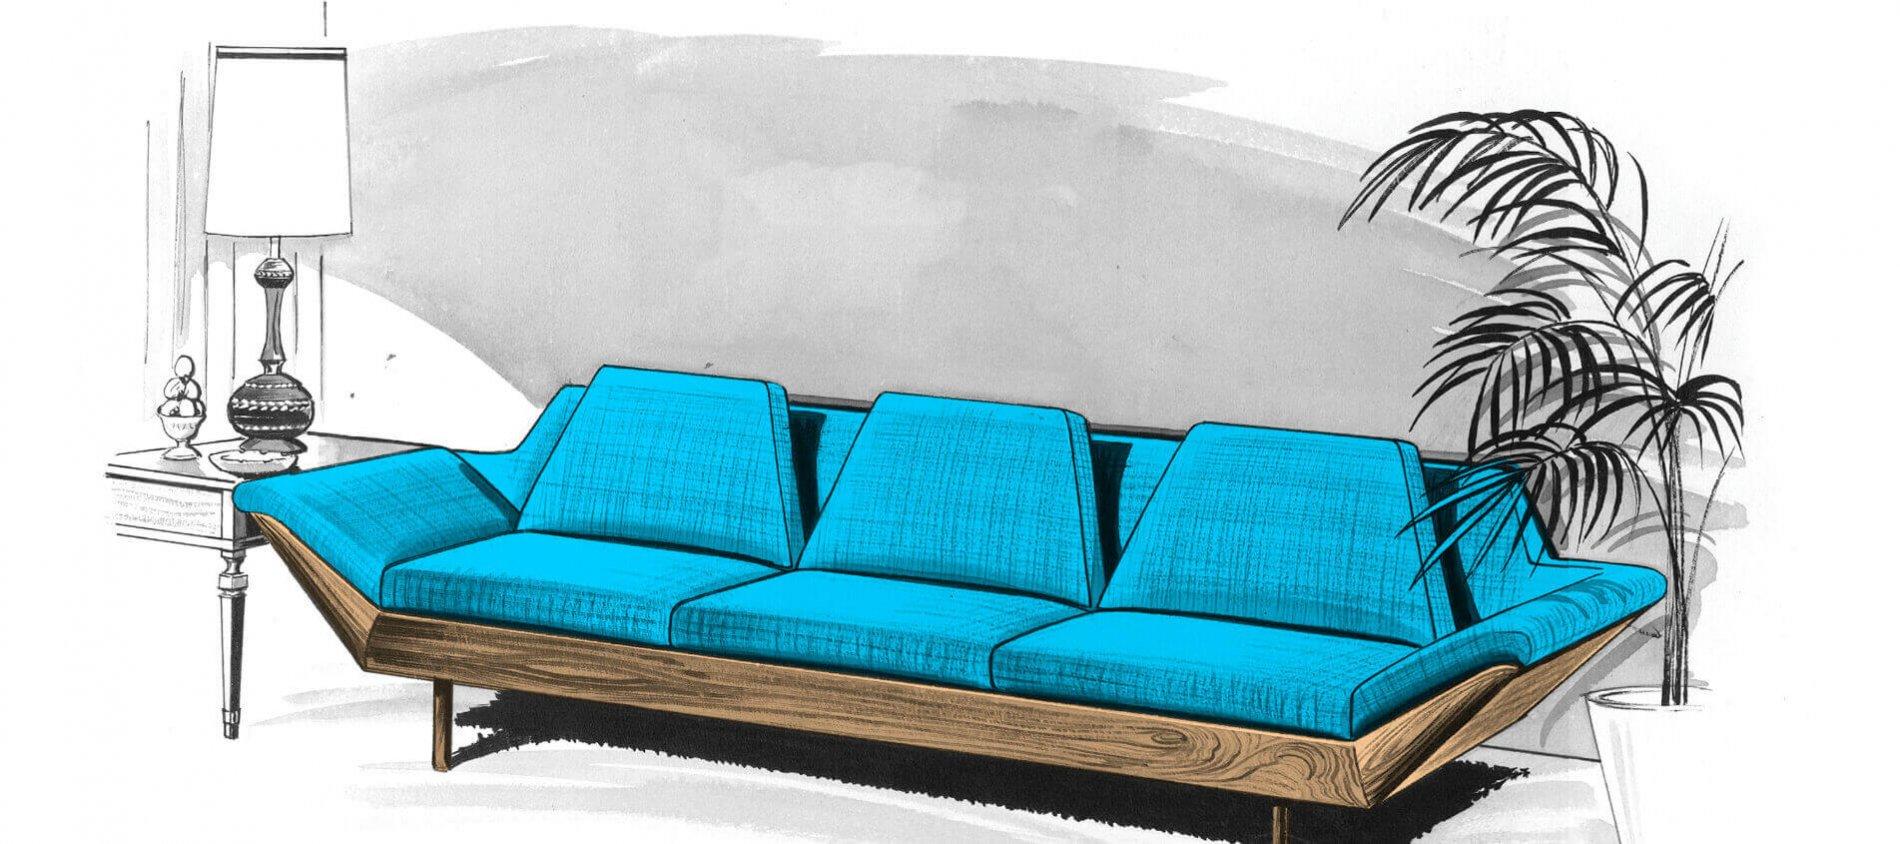 The Thunderbird Sofa is Back! | Flexsteel\'s Mid-century ...